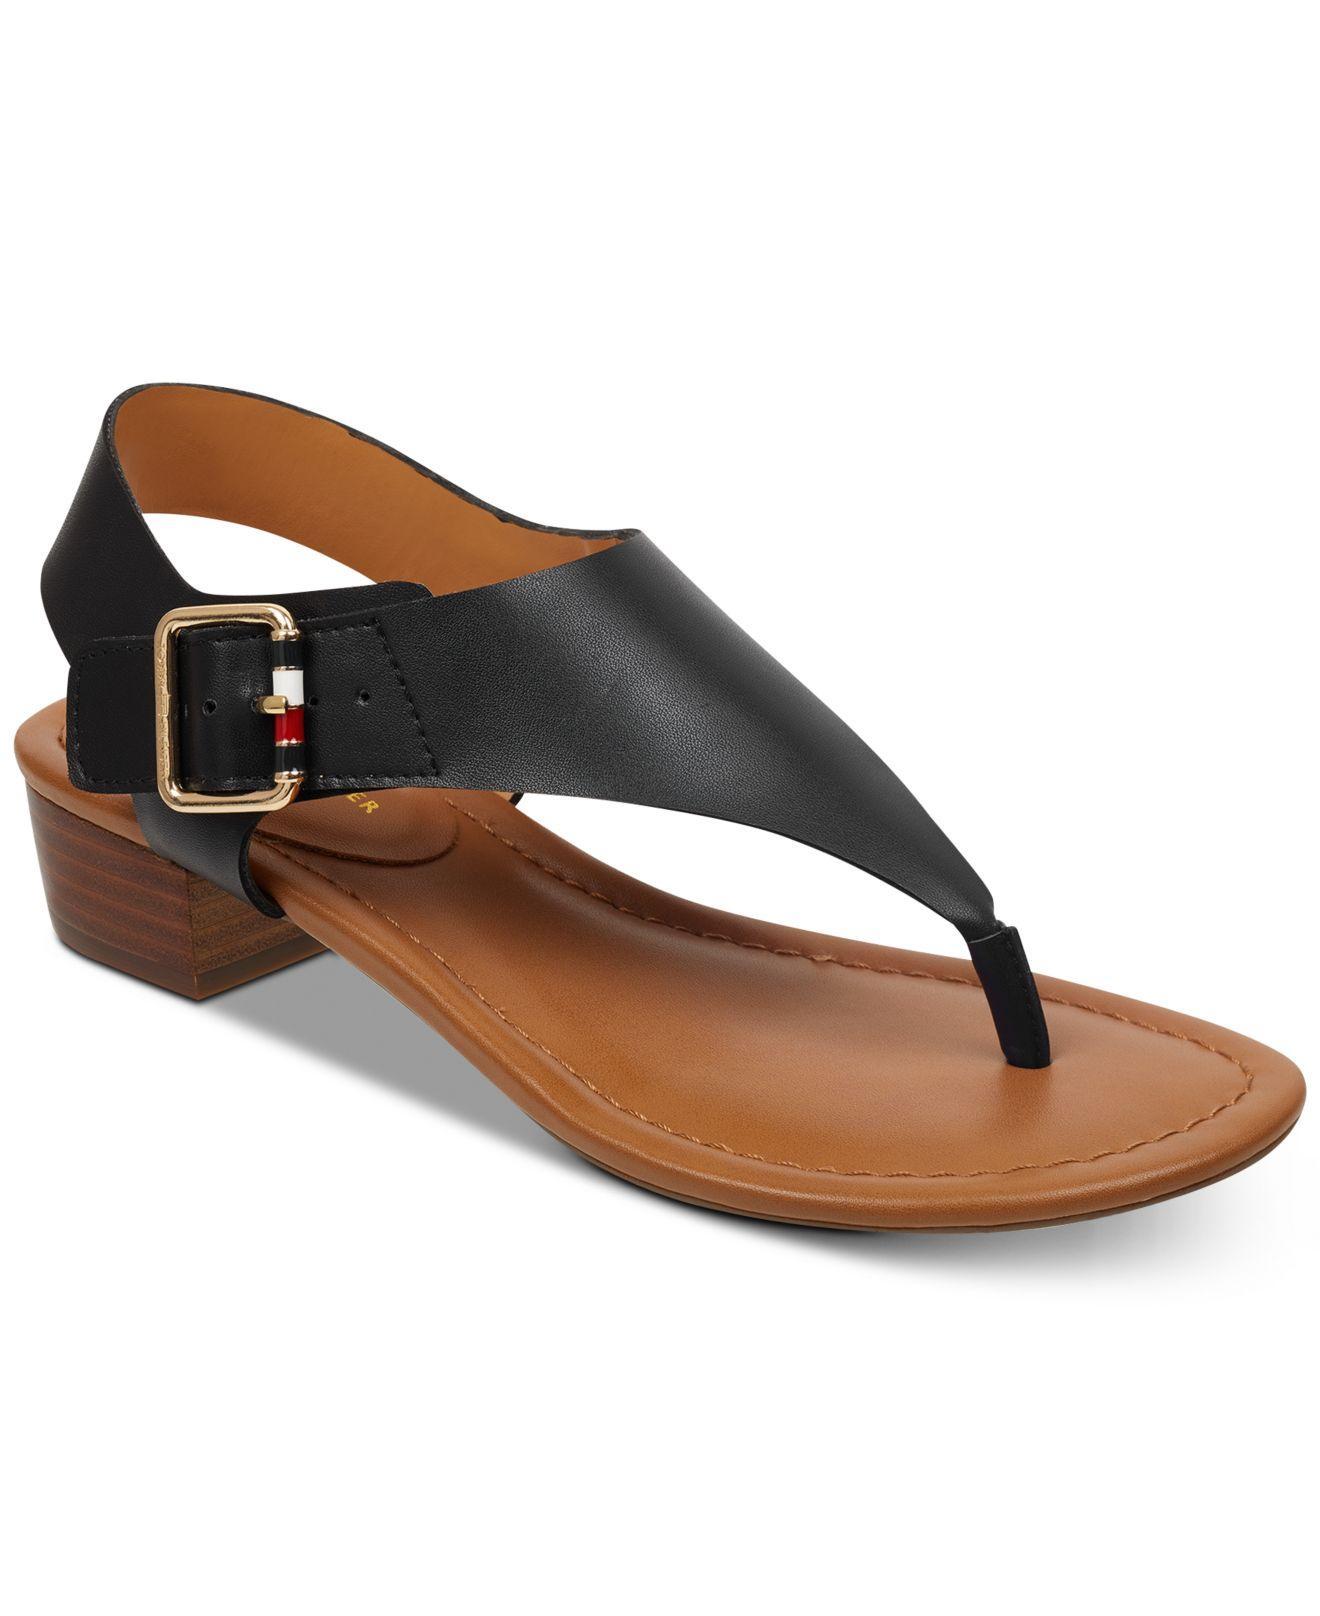 1062f4d8911b Lyst - Tommy Hilfiger Kamea Sandals in Black